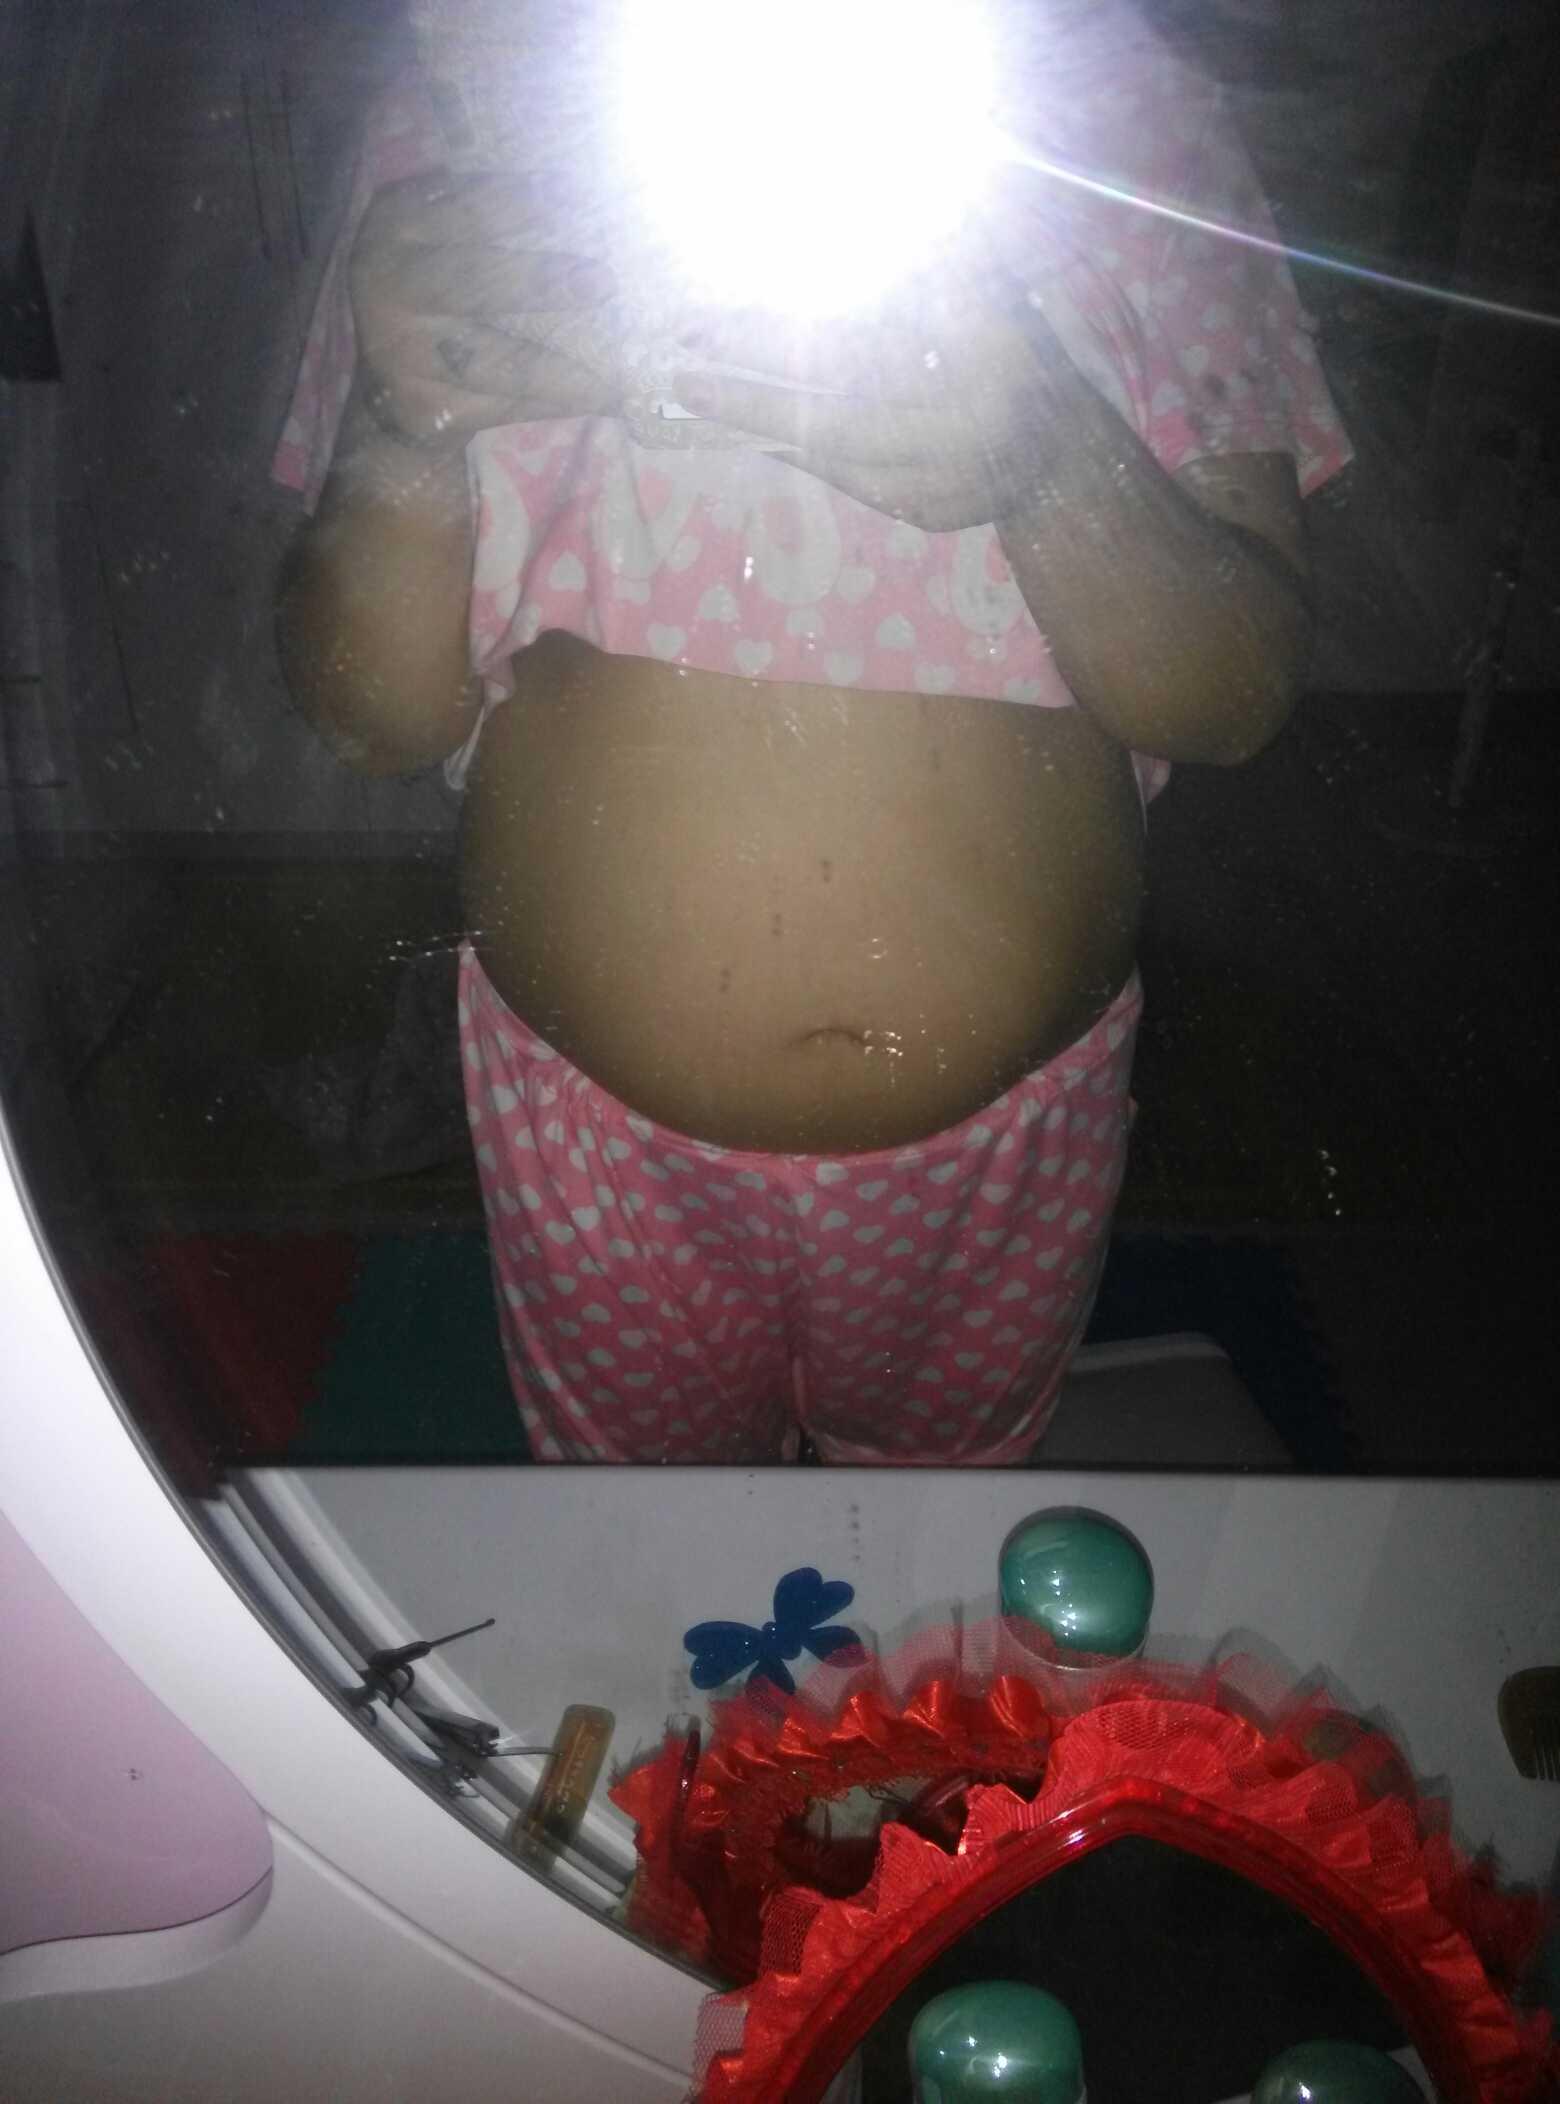 姐姐总是说我肚子大像27周的样子.肚子大吗?